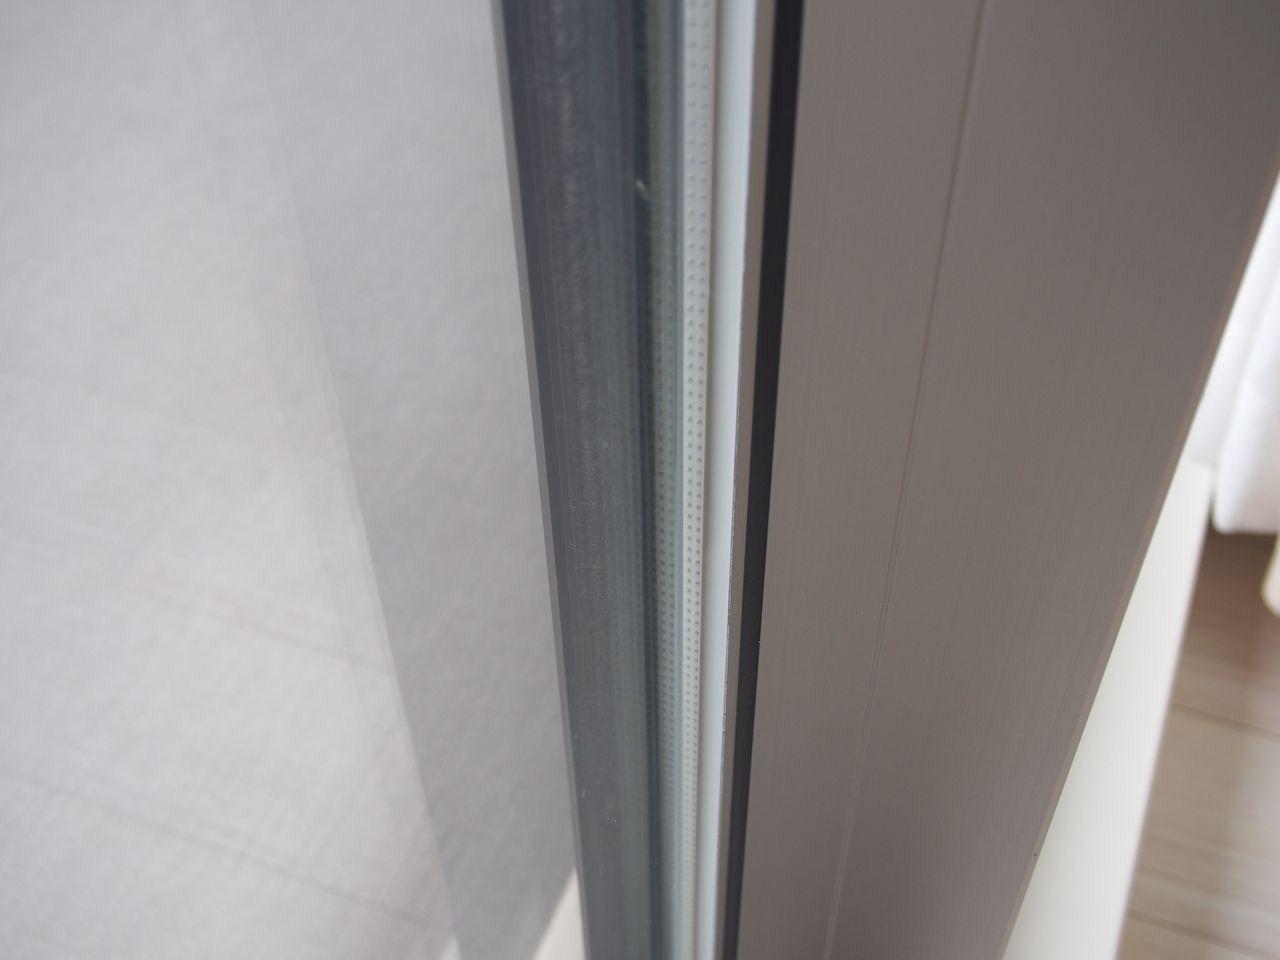 複層ガラスの室内側ガラスをLow-E金属膜でコーティング。断熱性を高めています。 しっかり断熱しながらも太陽の暖かさを採り込んでお部屋を暖かく保ちます。